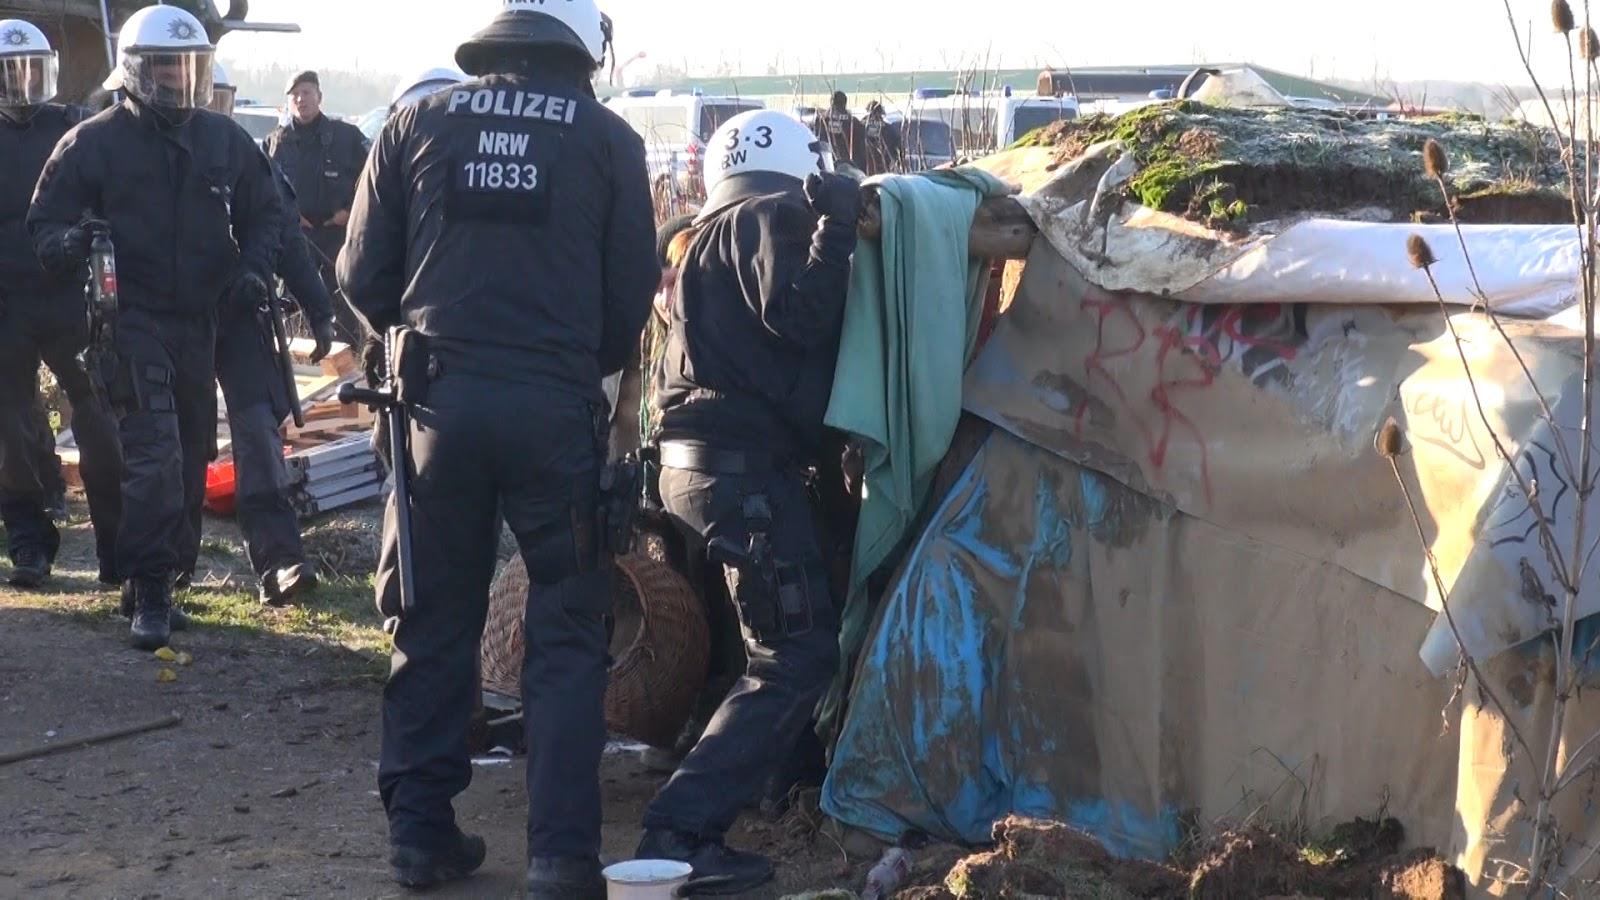 Anschlag vereitelt? Polizei sichert Brandsatz bei Pumpstation am Hambacher Forst